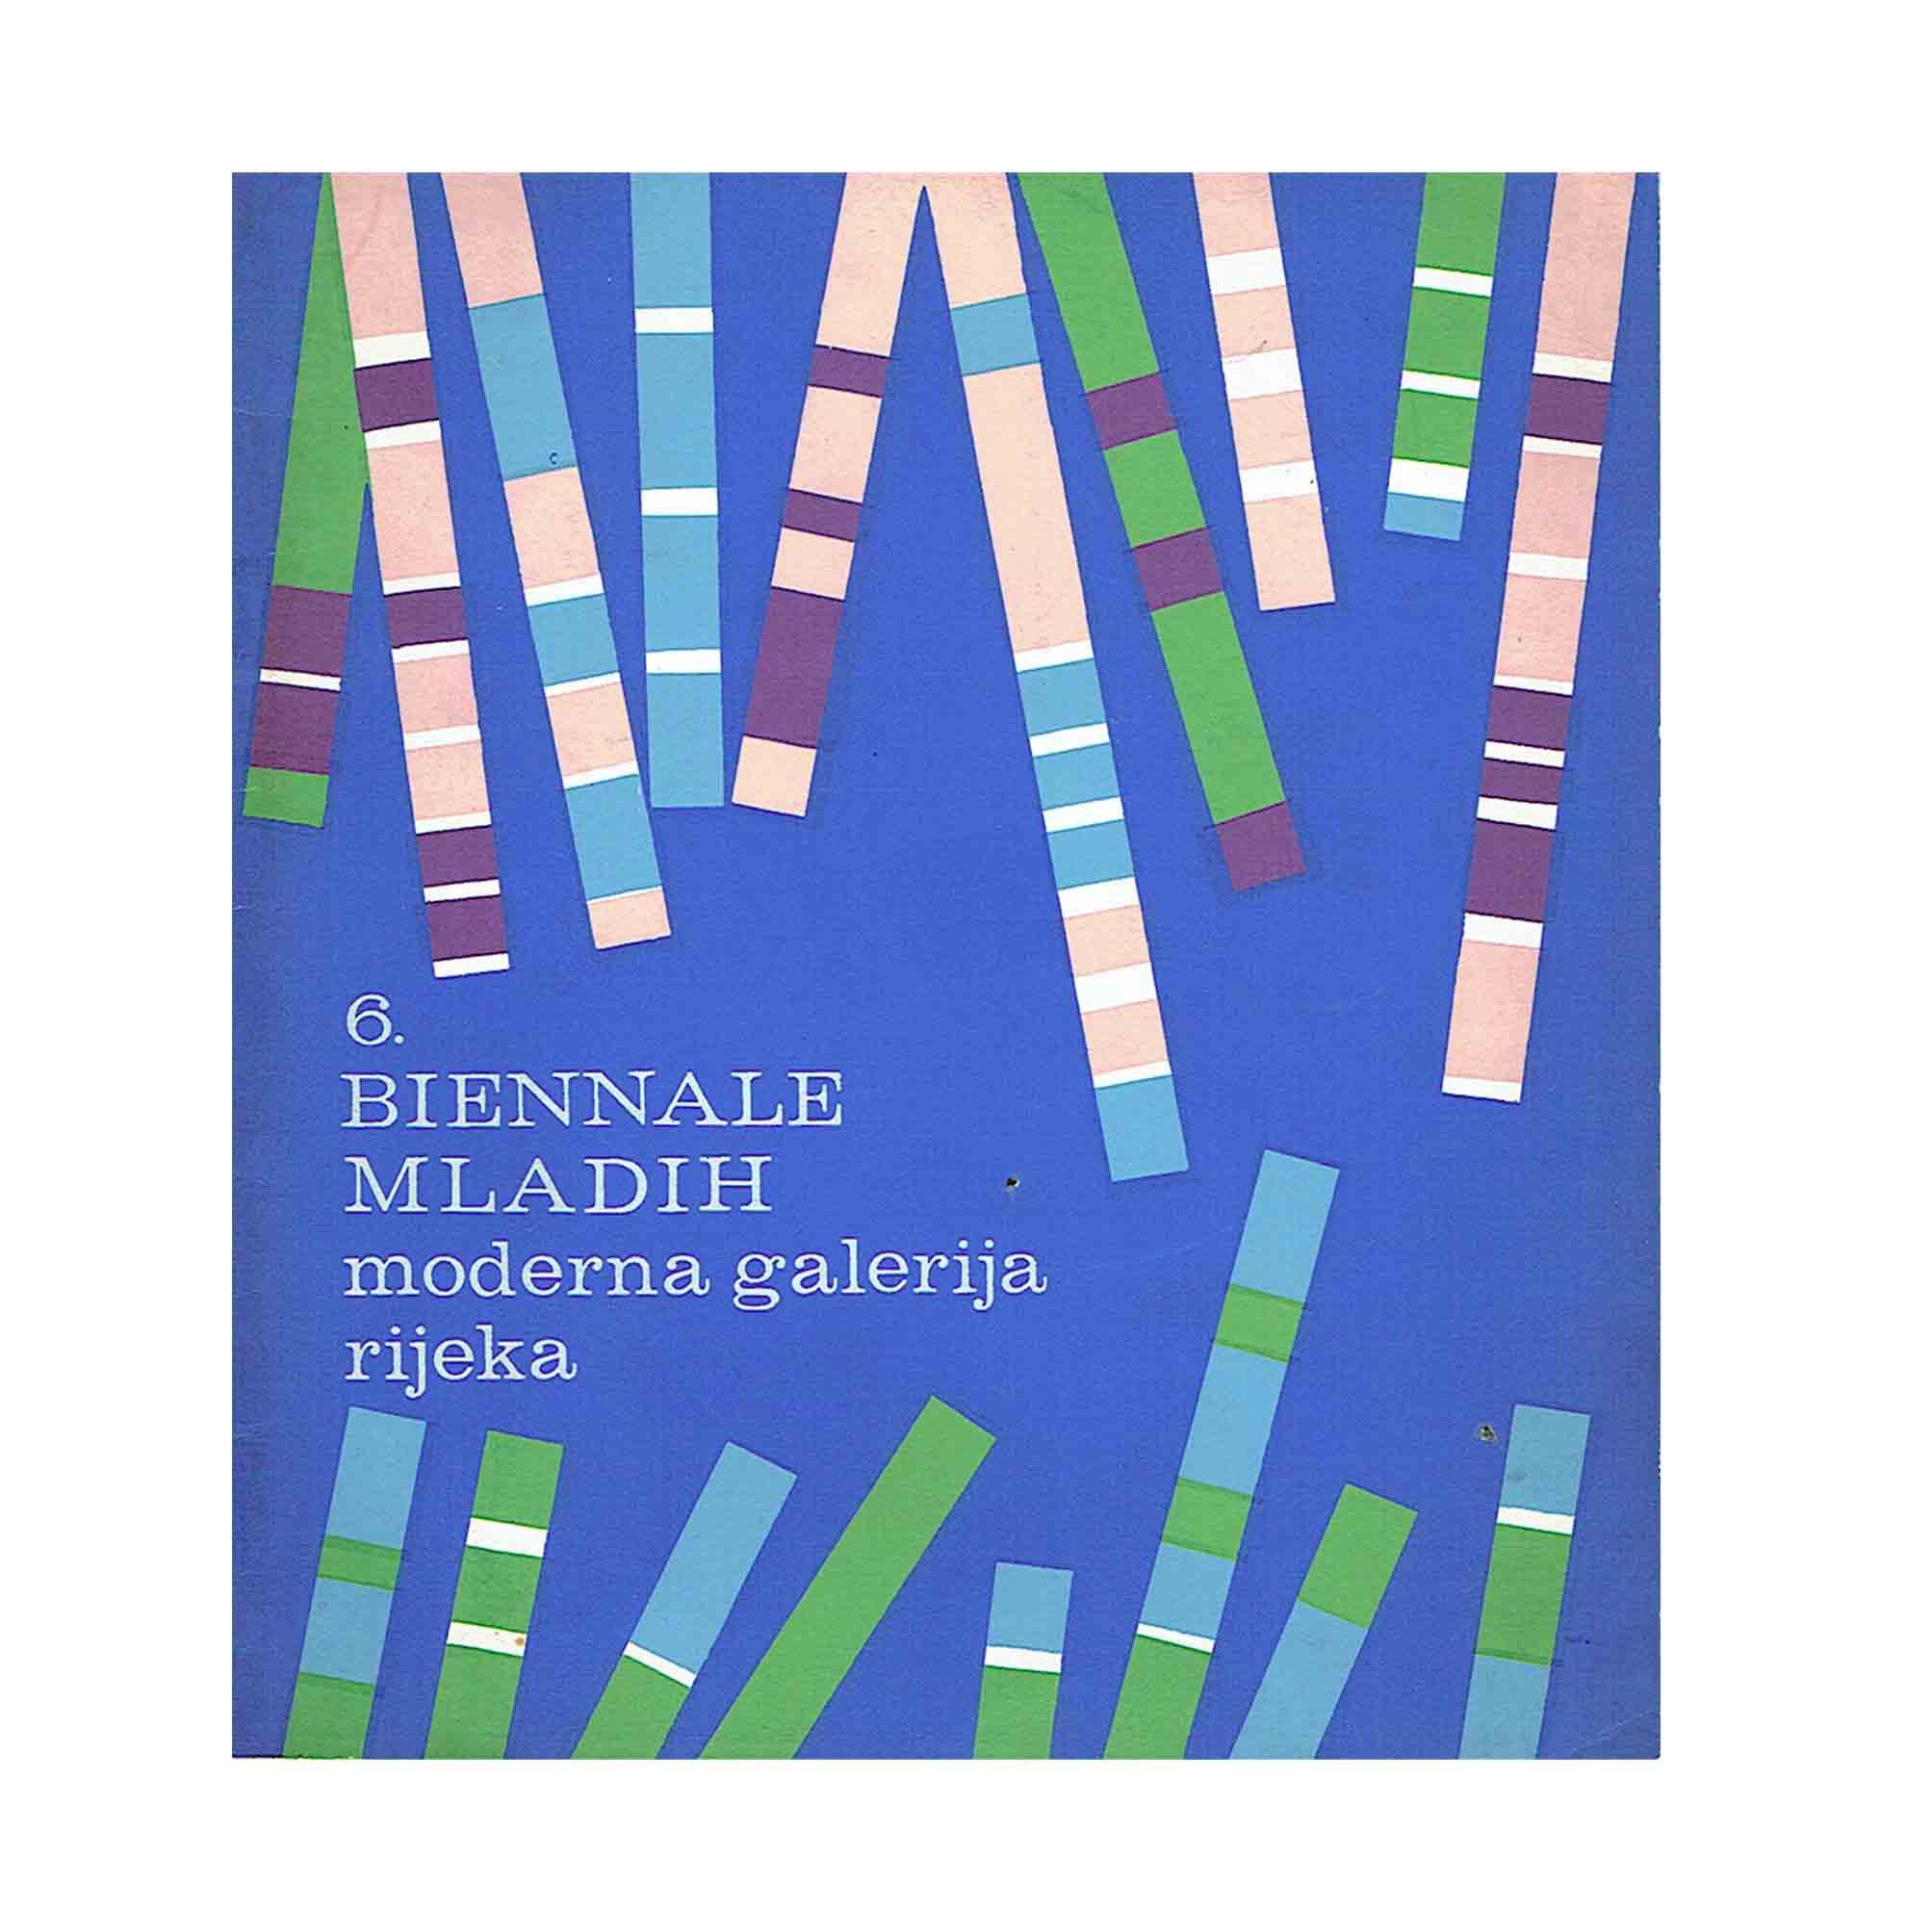 5710-Biennale-Mladih-Abramovic-1971-Cover-N.jpeg